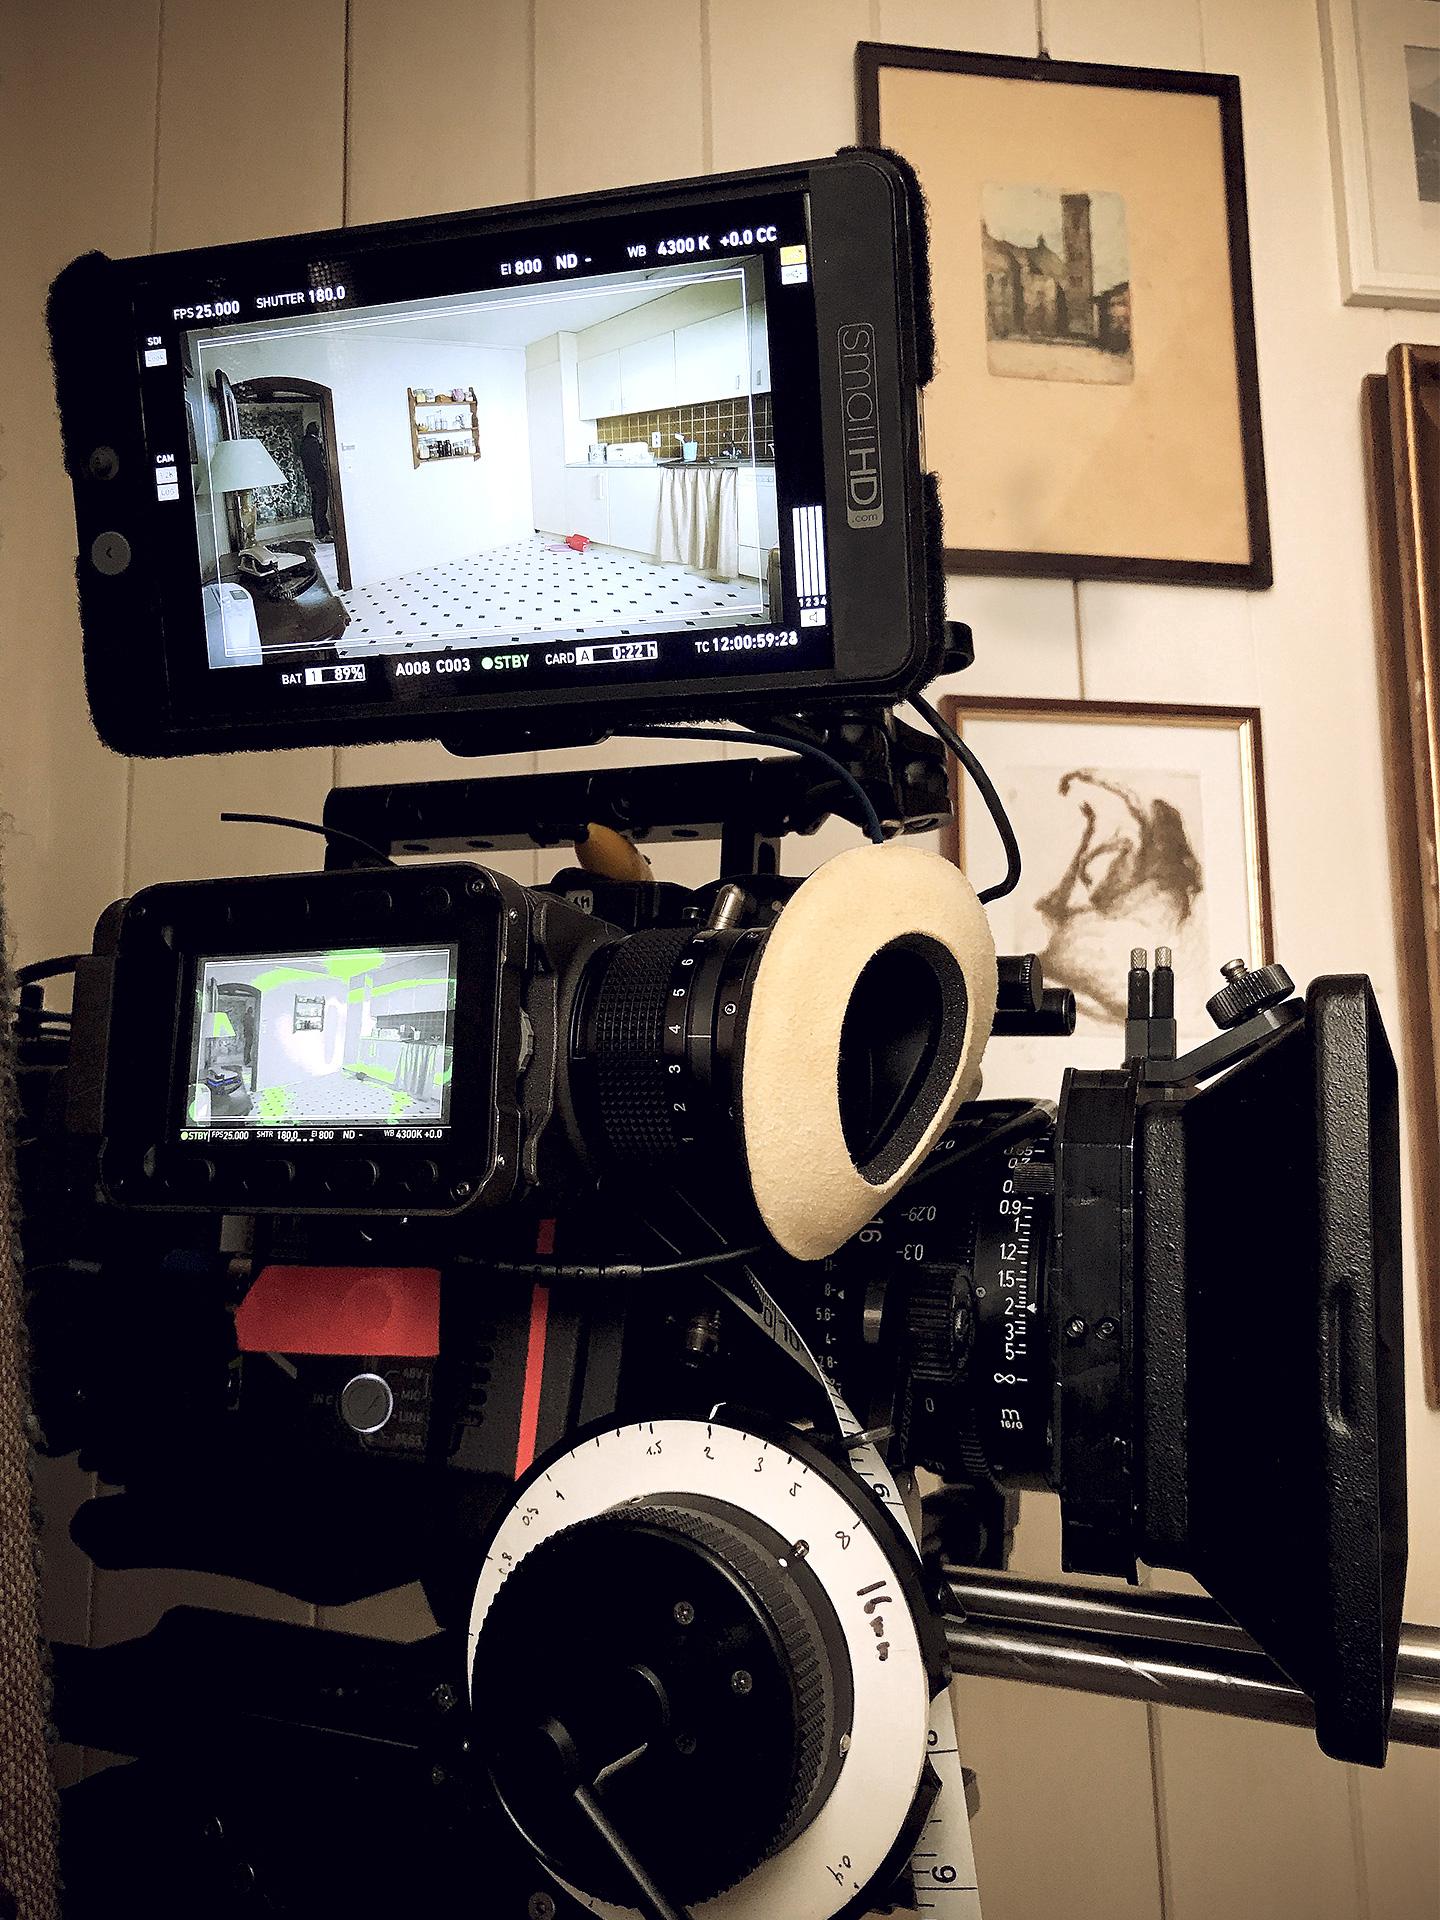 schaecher-film-behindthescenes8.jpg